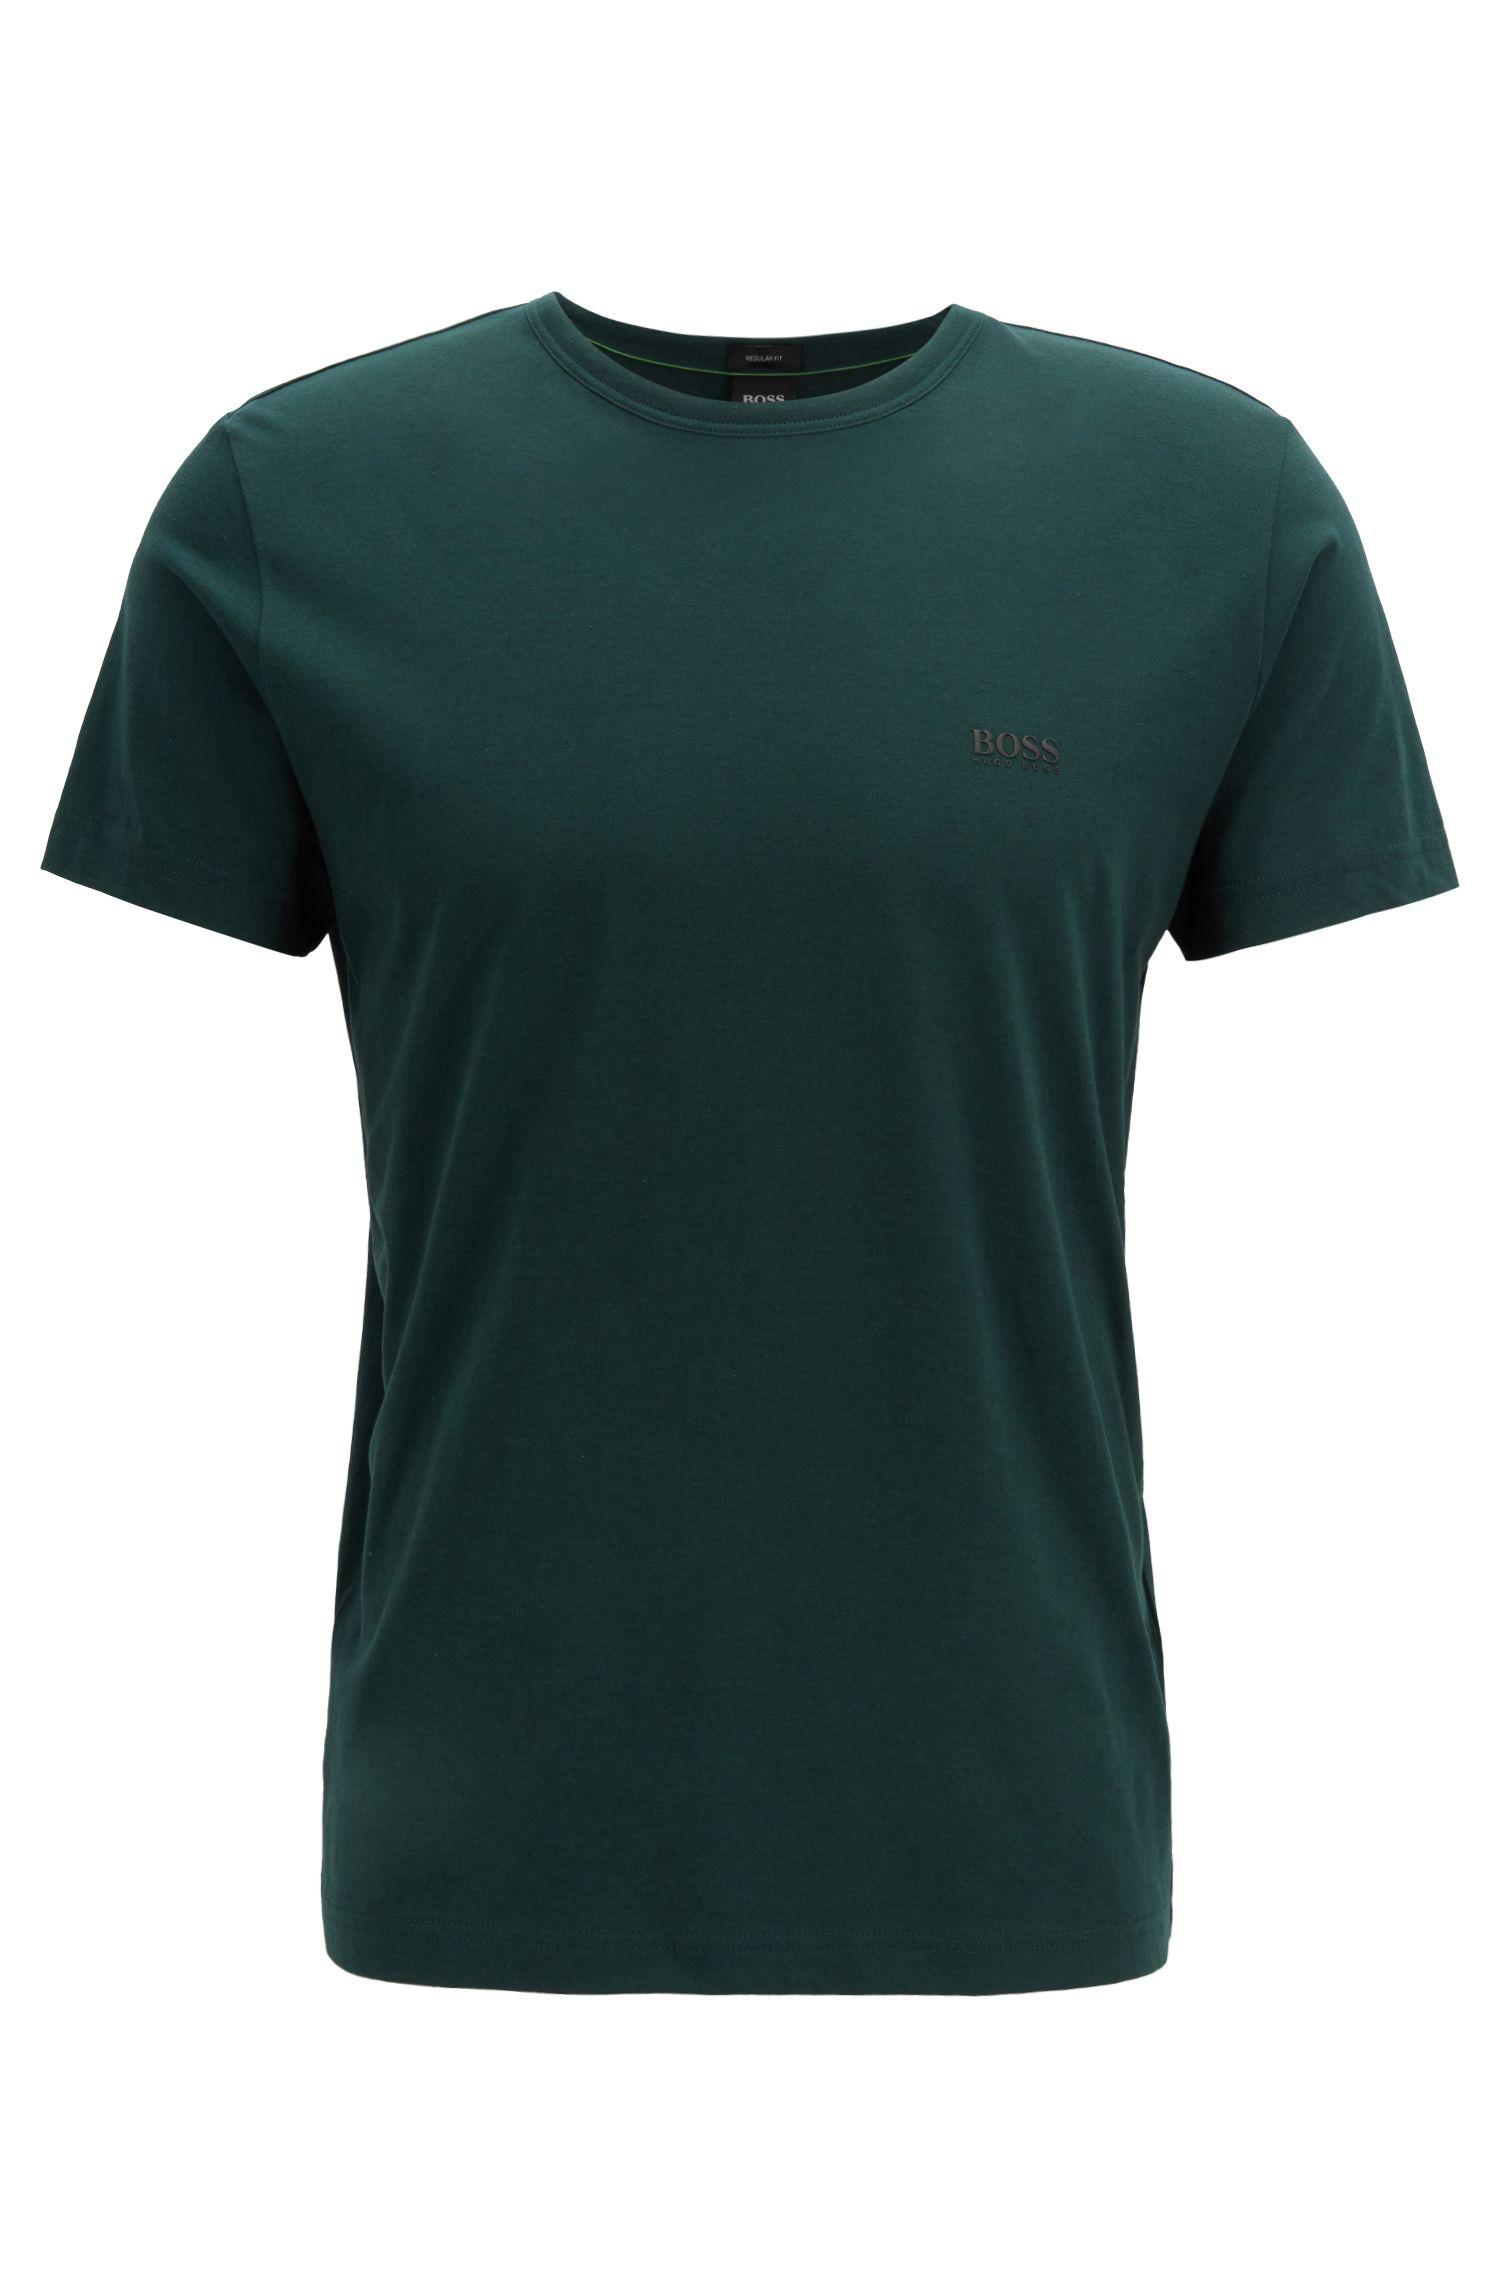 T-shirt en jersey à col ras-du-cou avec un imprimé en gomme sur l'épaule, Vert